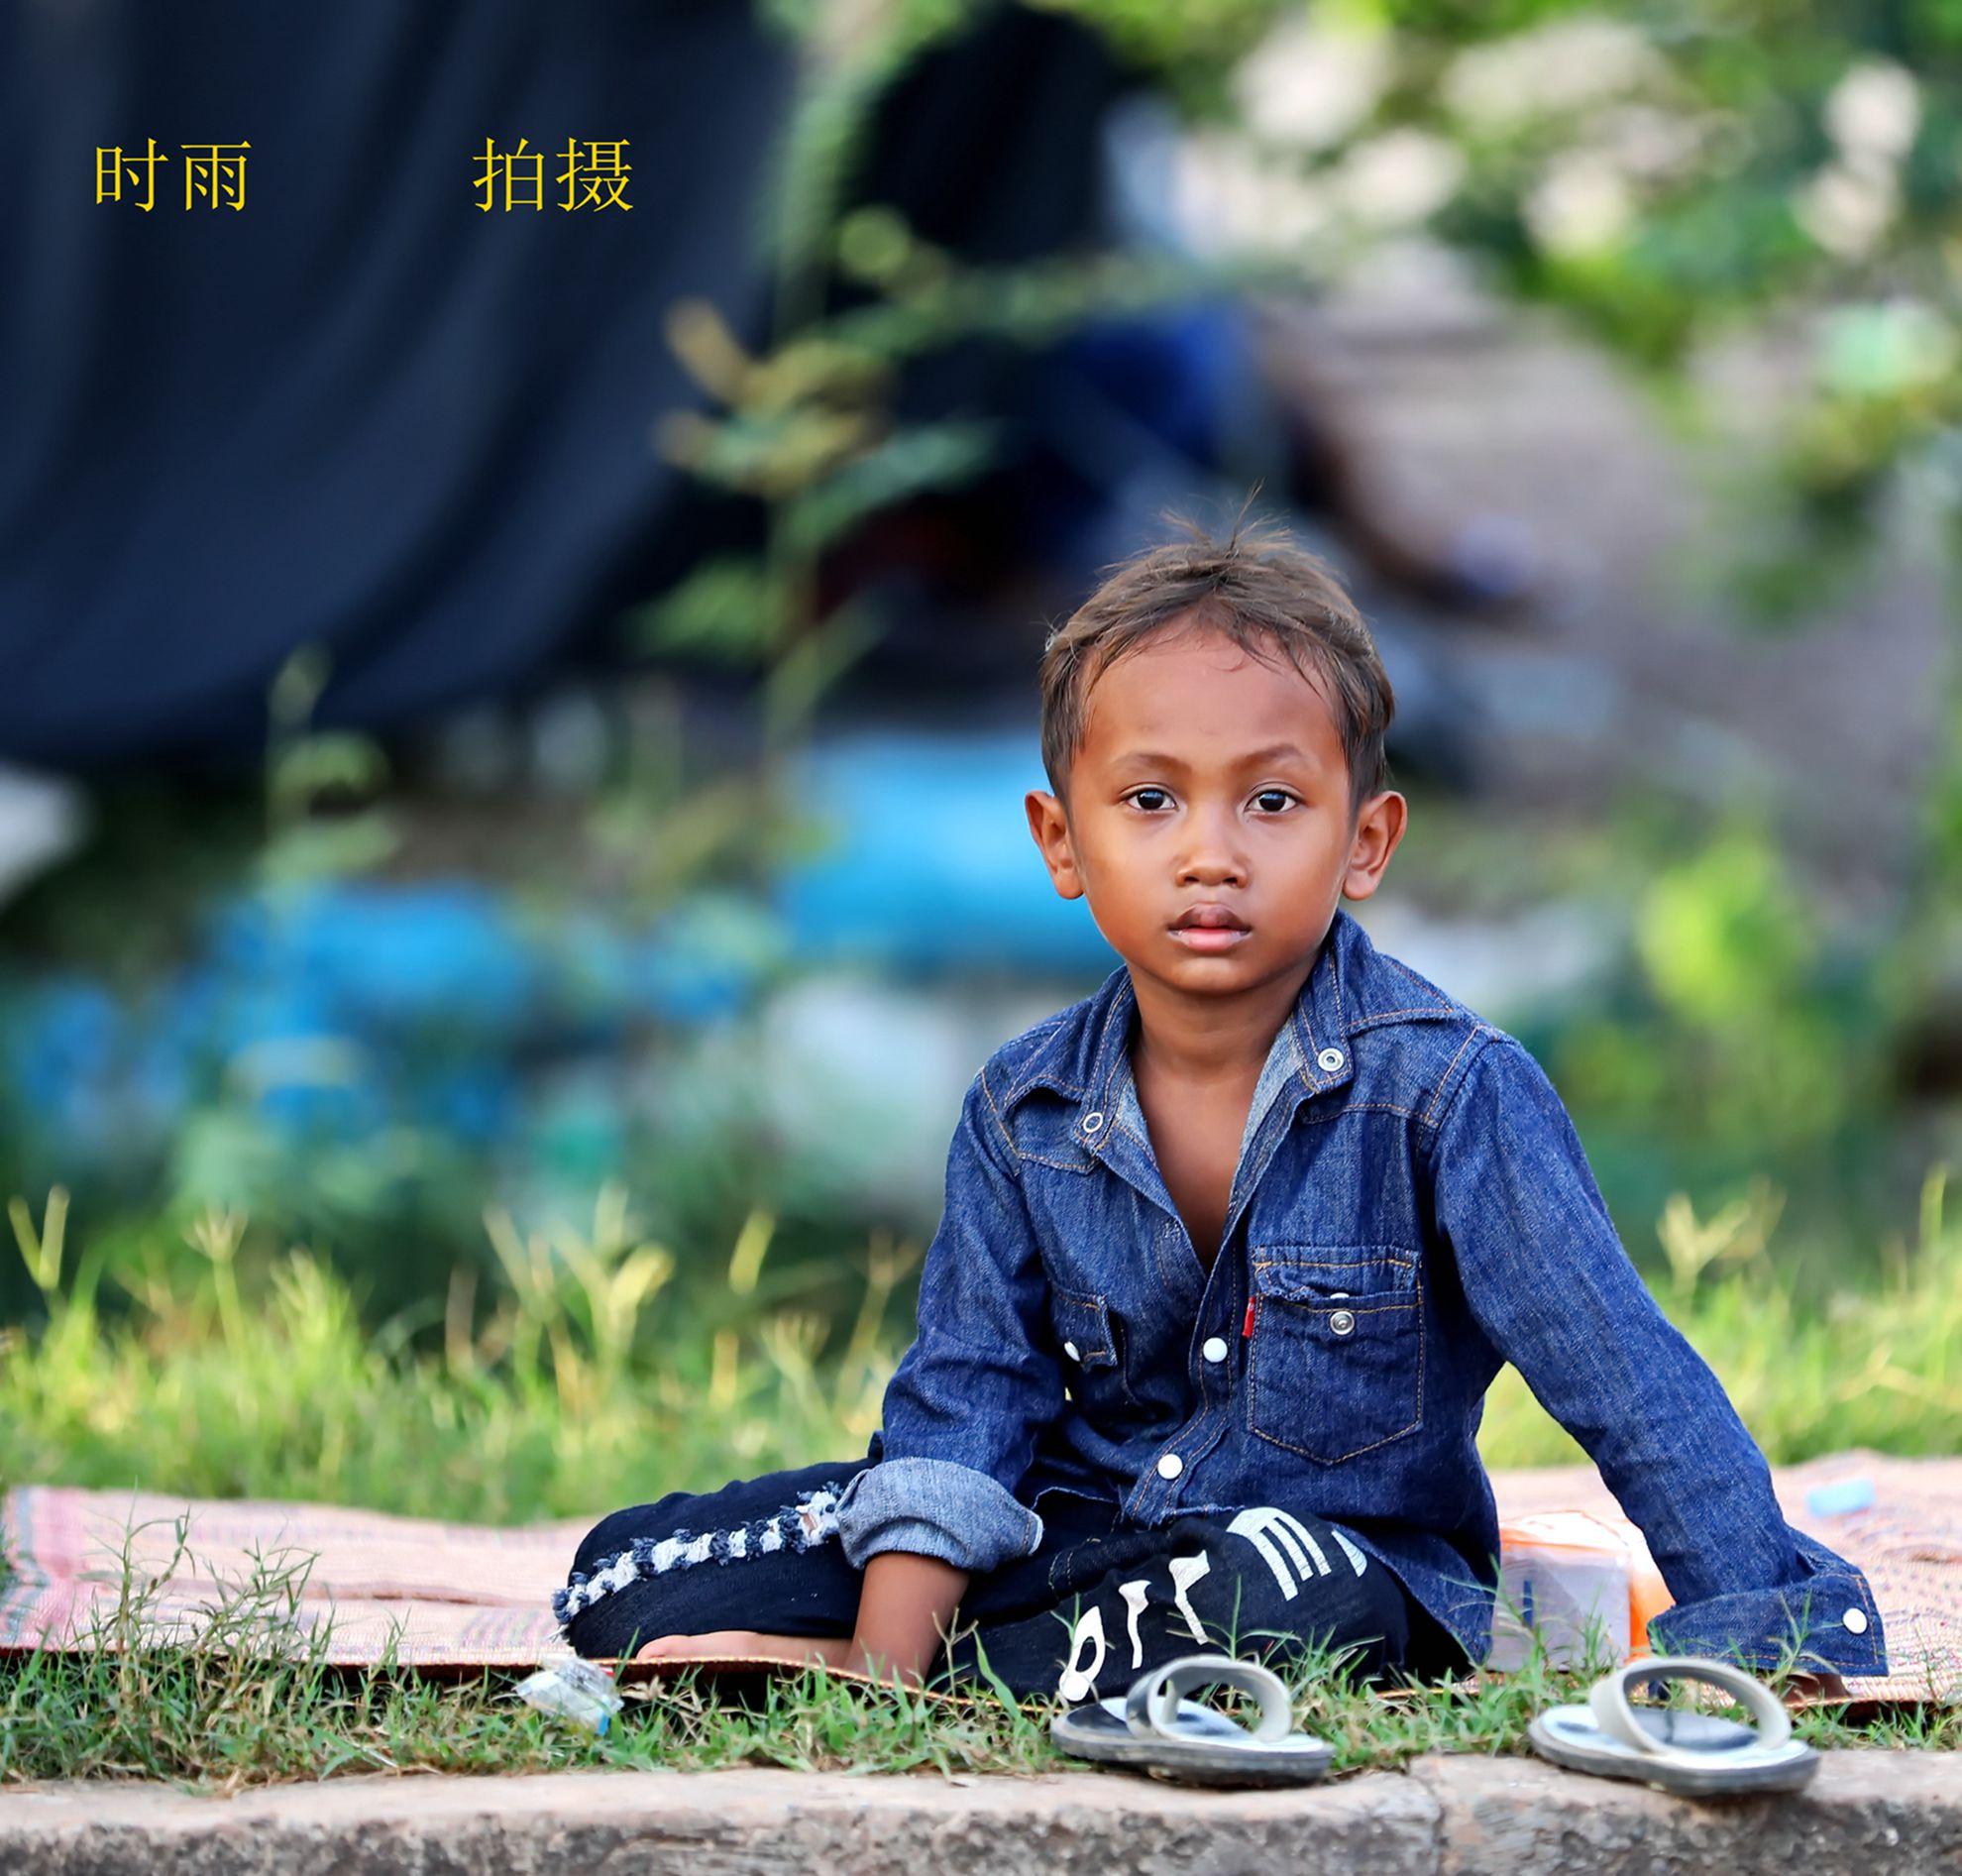 可爱的孩子(拍摄于柬埔寨)